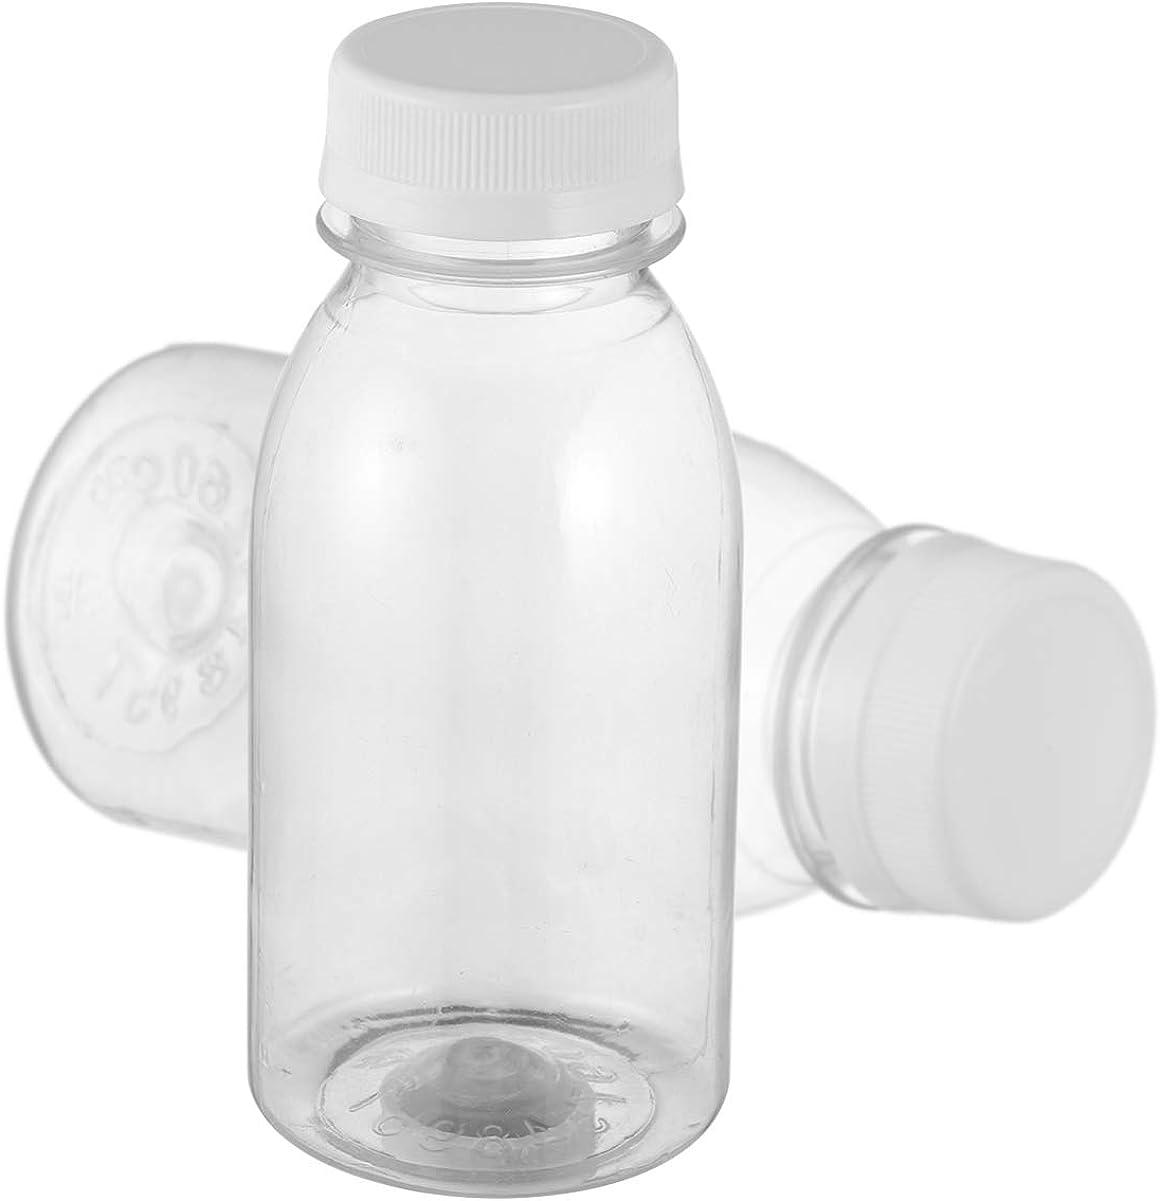 Cabilock 10 botellas de plástico transparente con tapas, reutilizables y vacías, botellas de bebidas para zumo de leche, bebidas de 250 ml